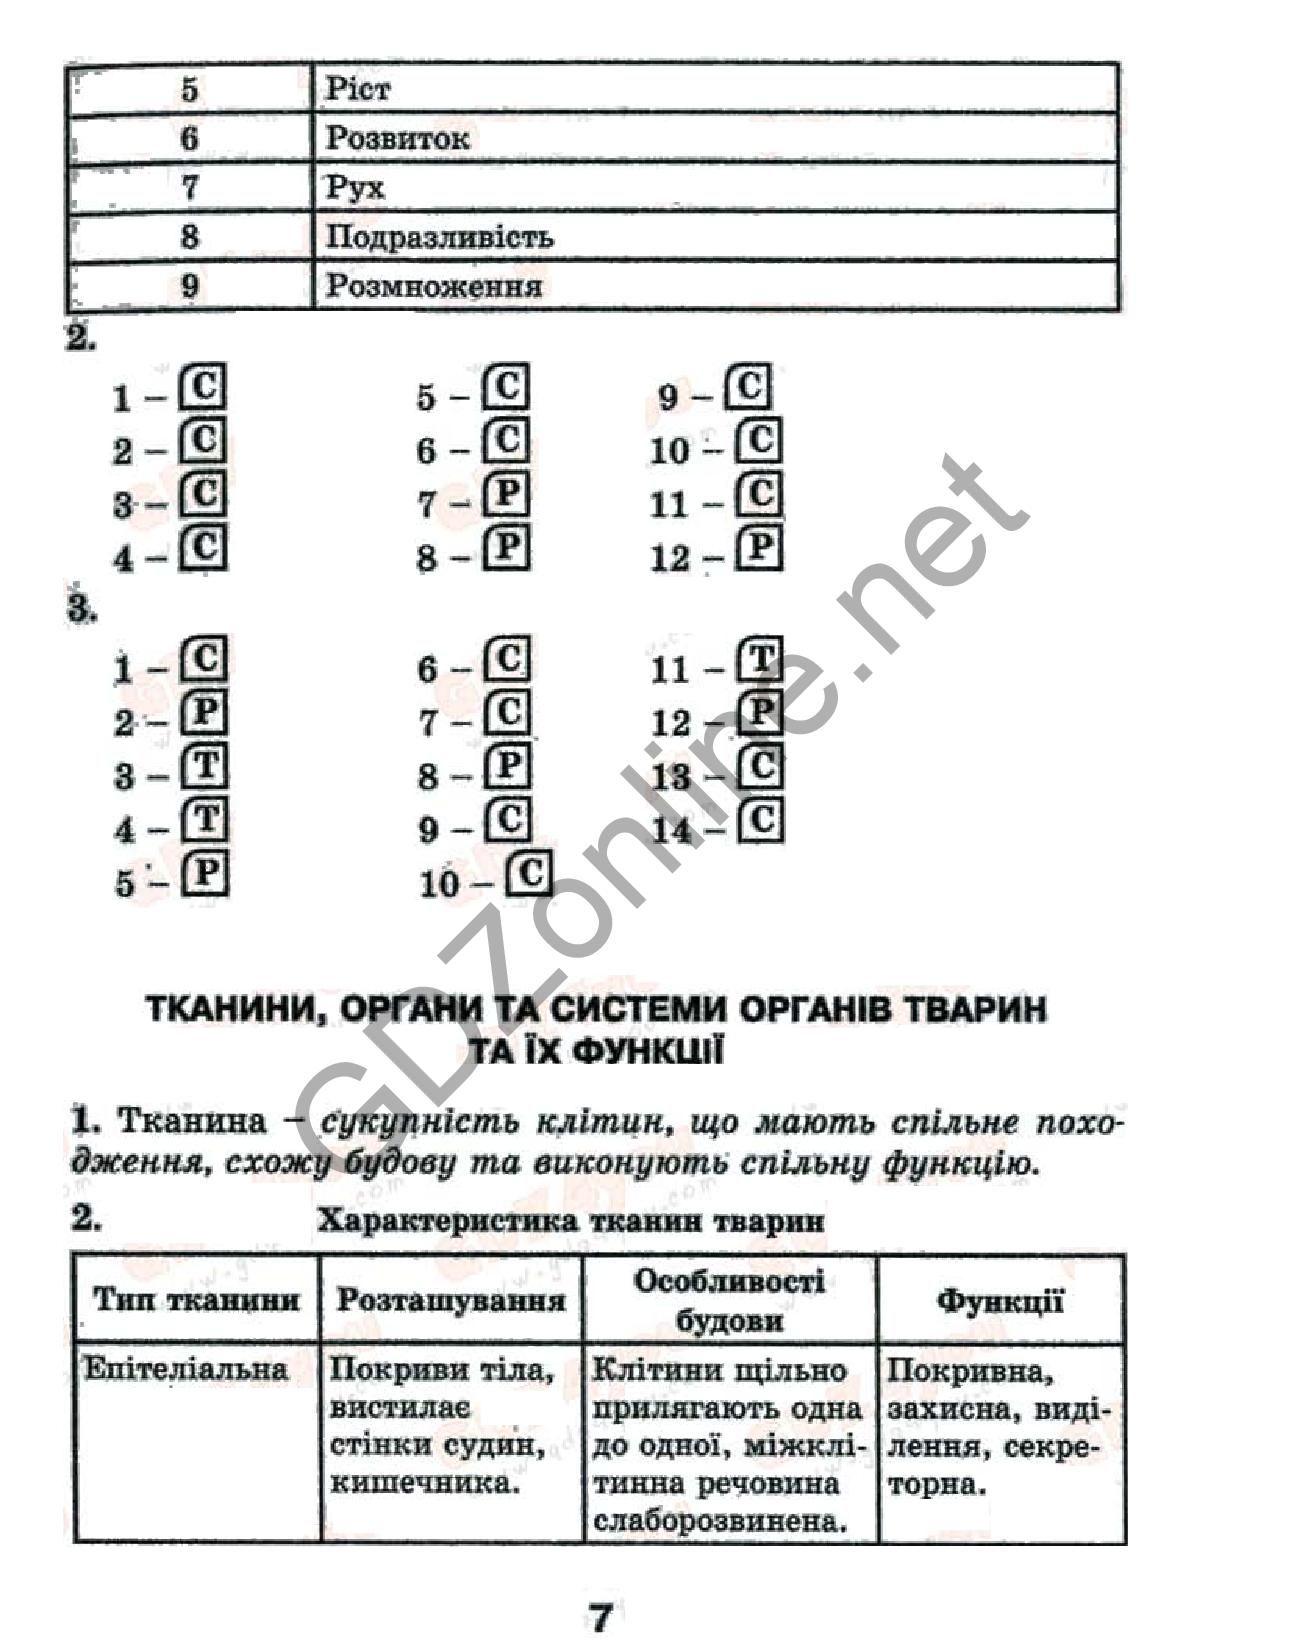 Решение к рабочей тетради по биологии 8 класс т.с.котик